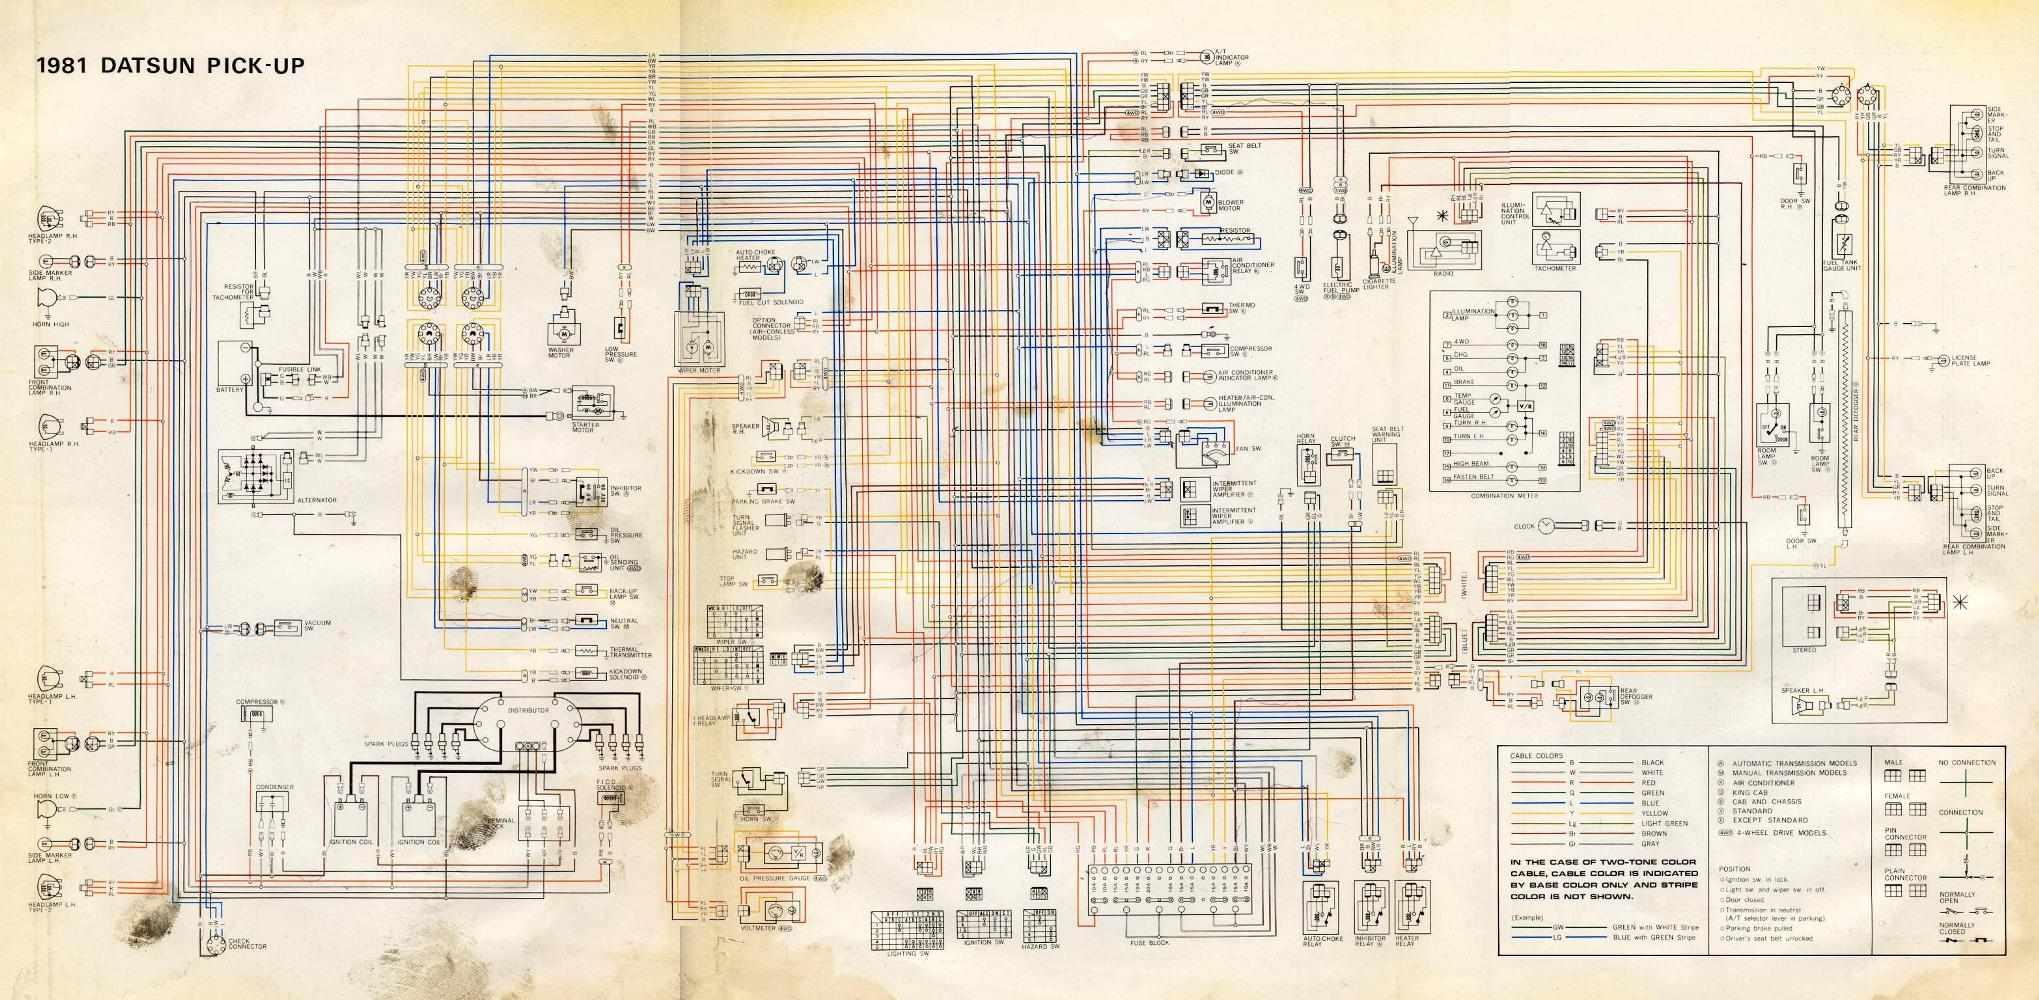 99 Deville Fuel Pump Wiring Diagram Library 1977 Cadillac Engine Wire Schematic Car Diagrams App Auto Electrical 1990 Allante 1999